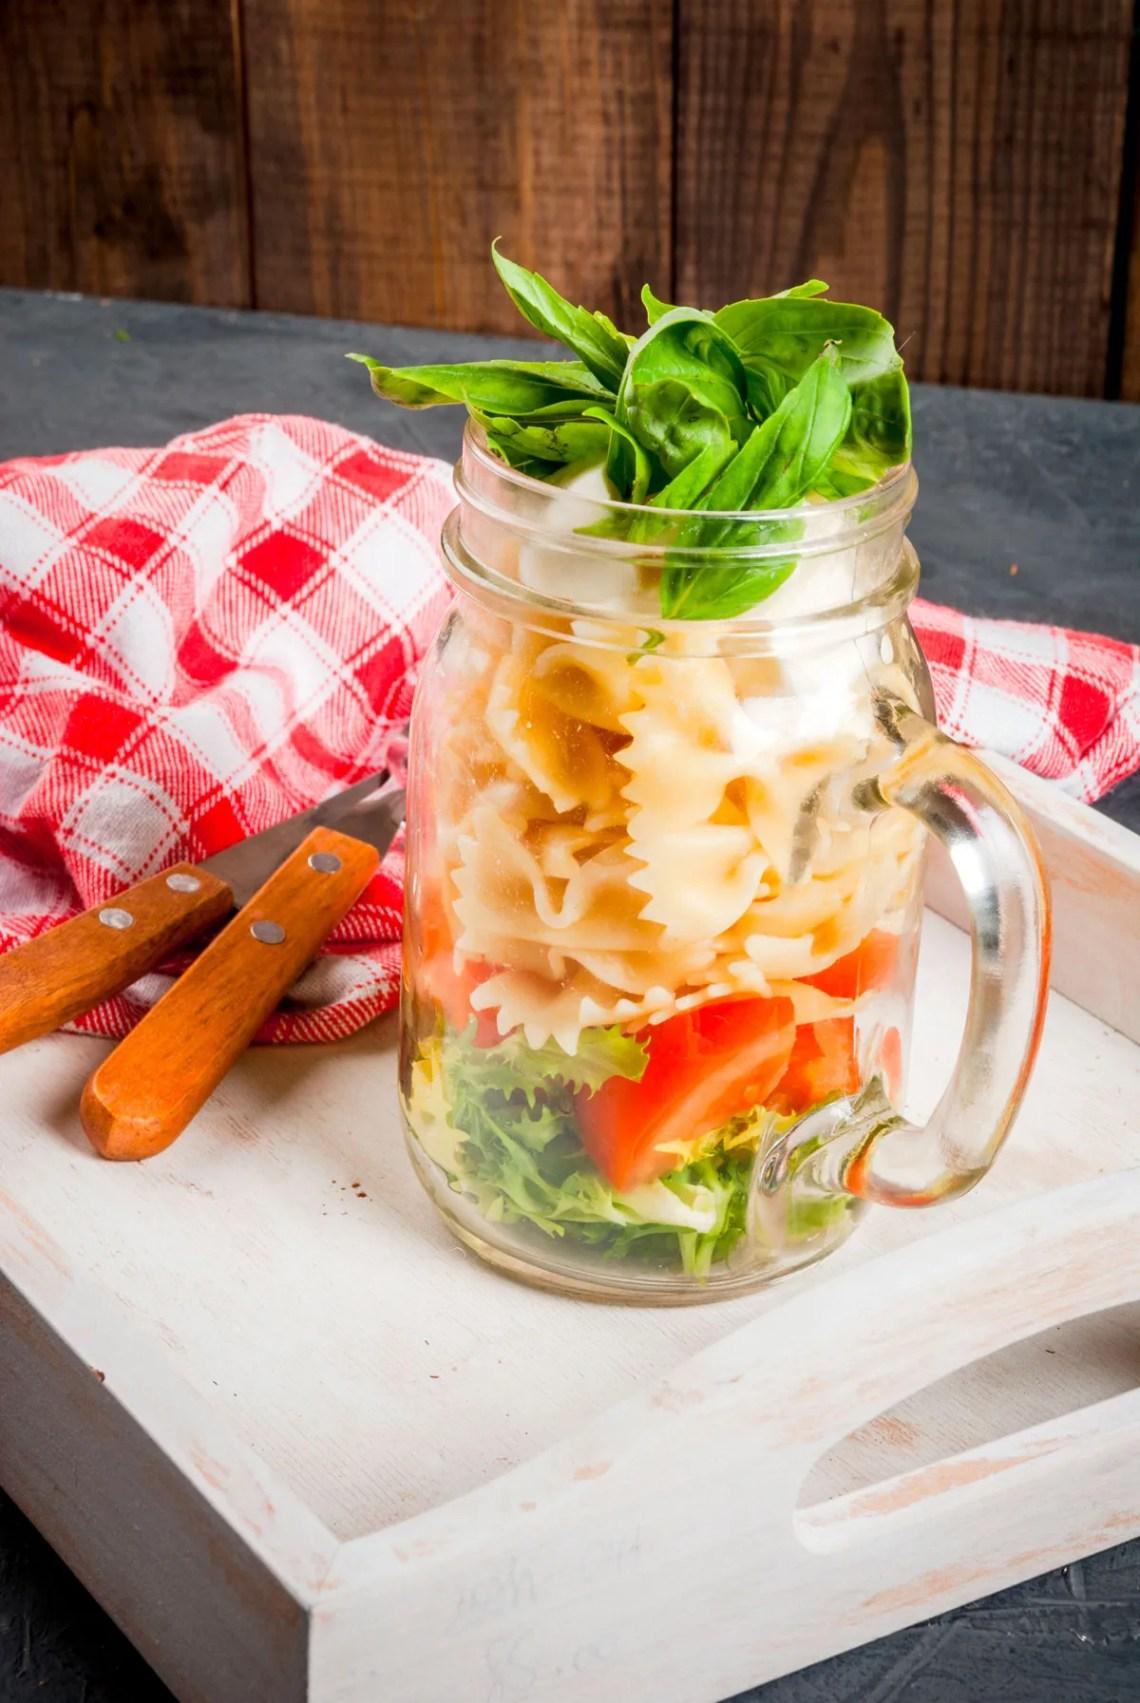 idee estive per barattoli in vetro - mason jar con pasta fredda e verdura